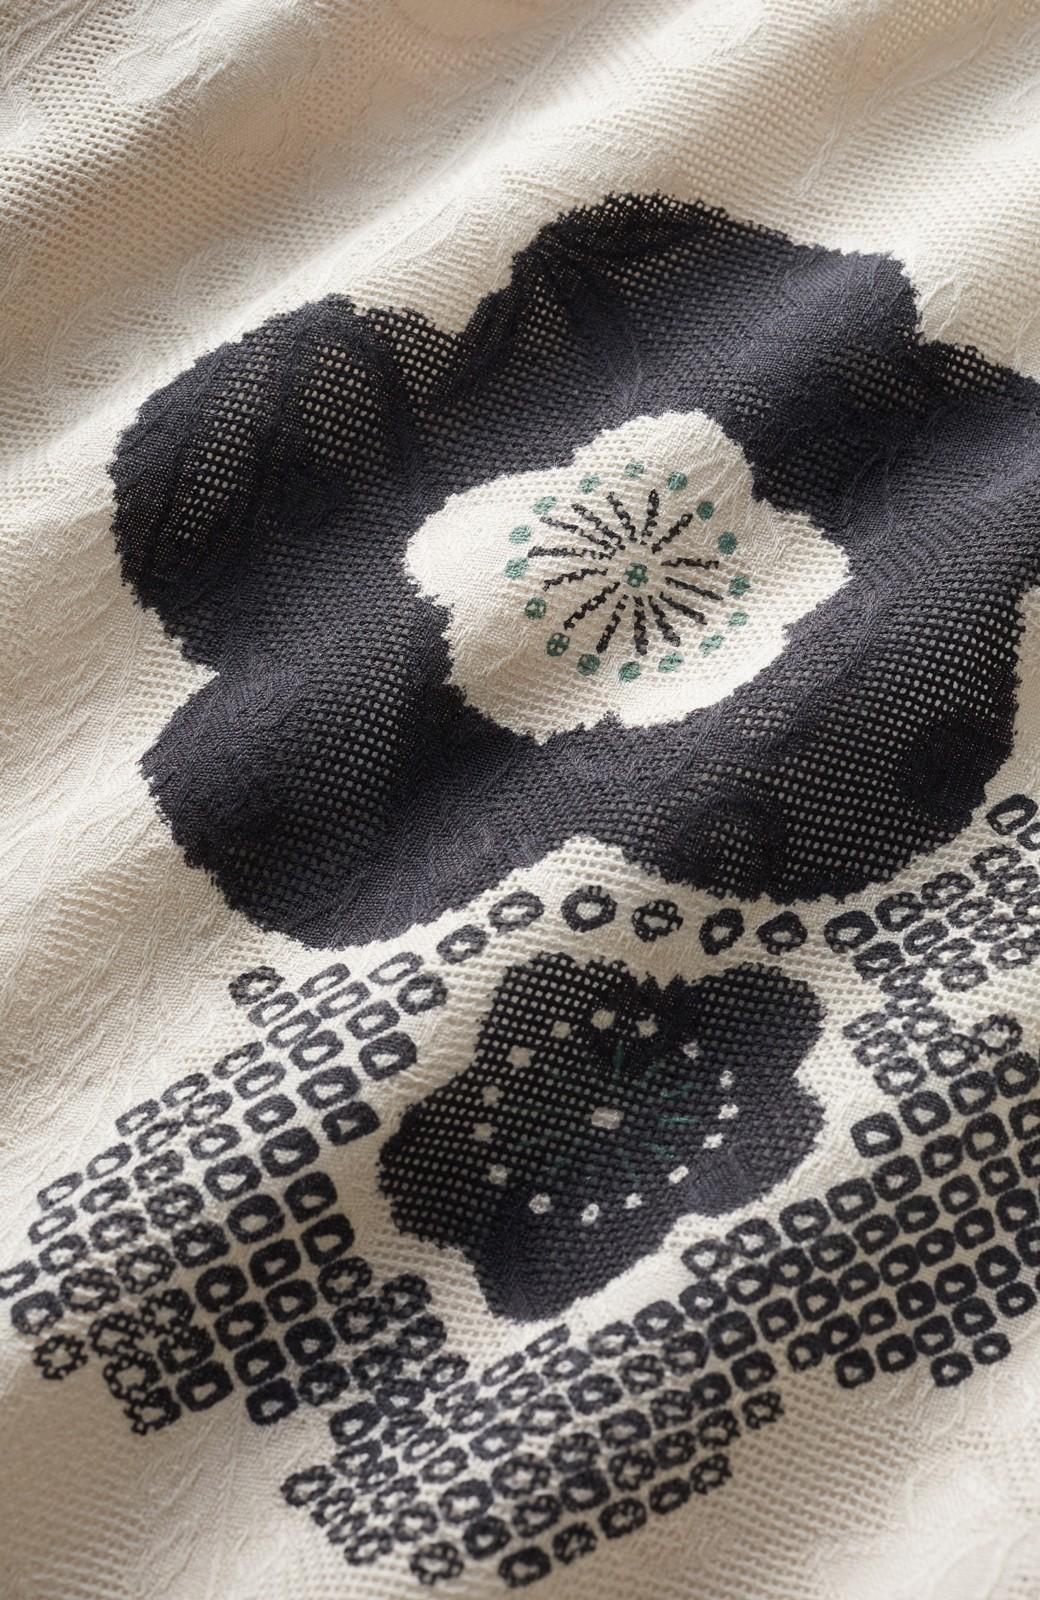 haco! ひでや工房 京都のからみ織ジャカード浴衣 <ブラック系その他>の商品写真3